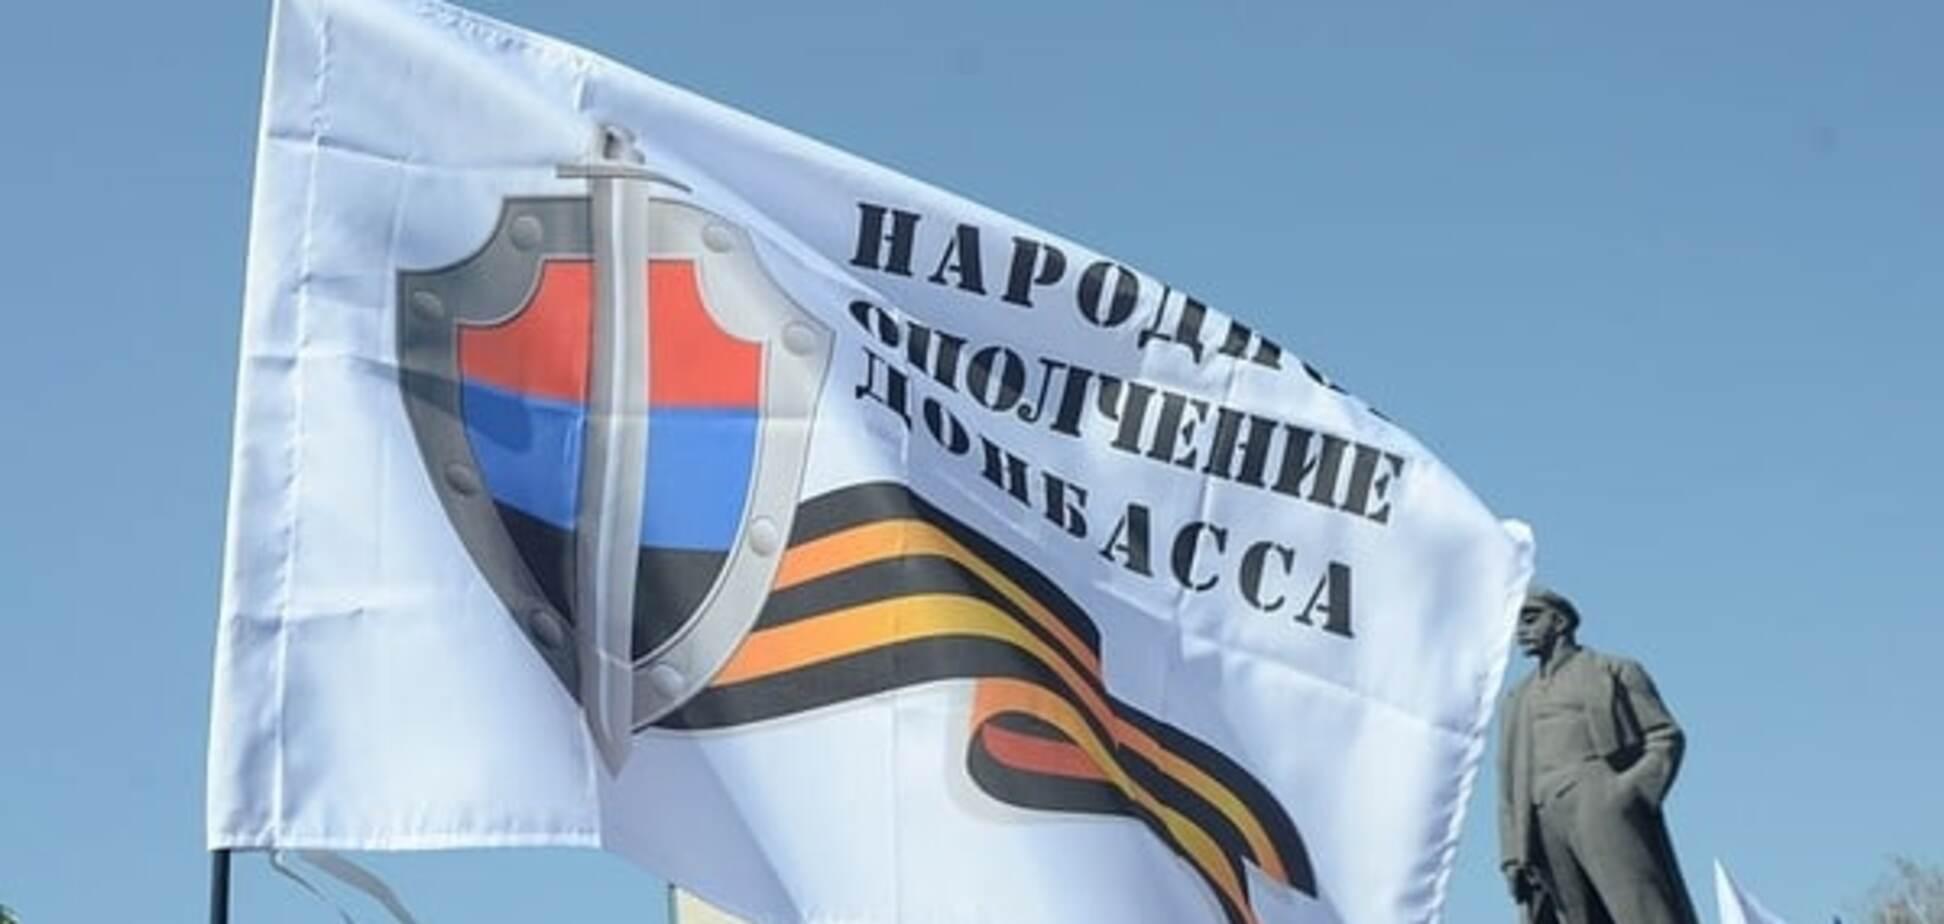 В аеропорту Одеси затримали лідера сепаратистів 'Народного ополчення Донбасу'